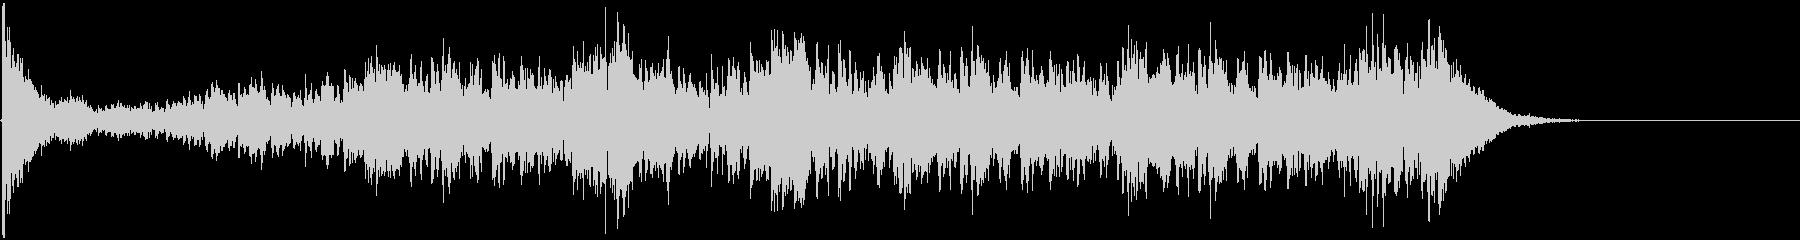 ティンパニロール-5の未再生の波形